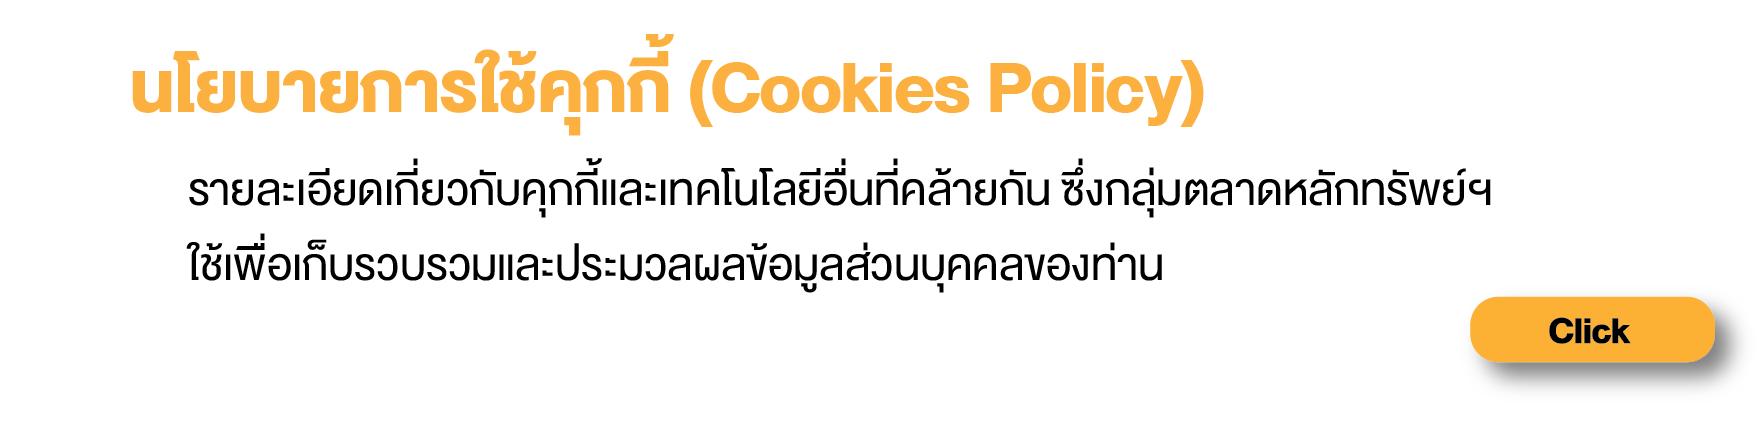 นโยบายการใช้คุกกี้ (Cookies Policy)